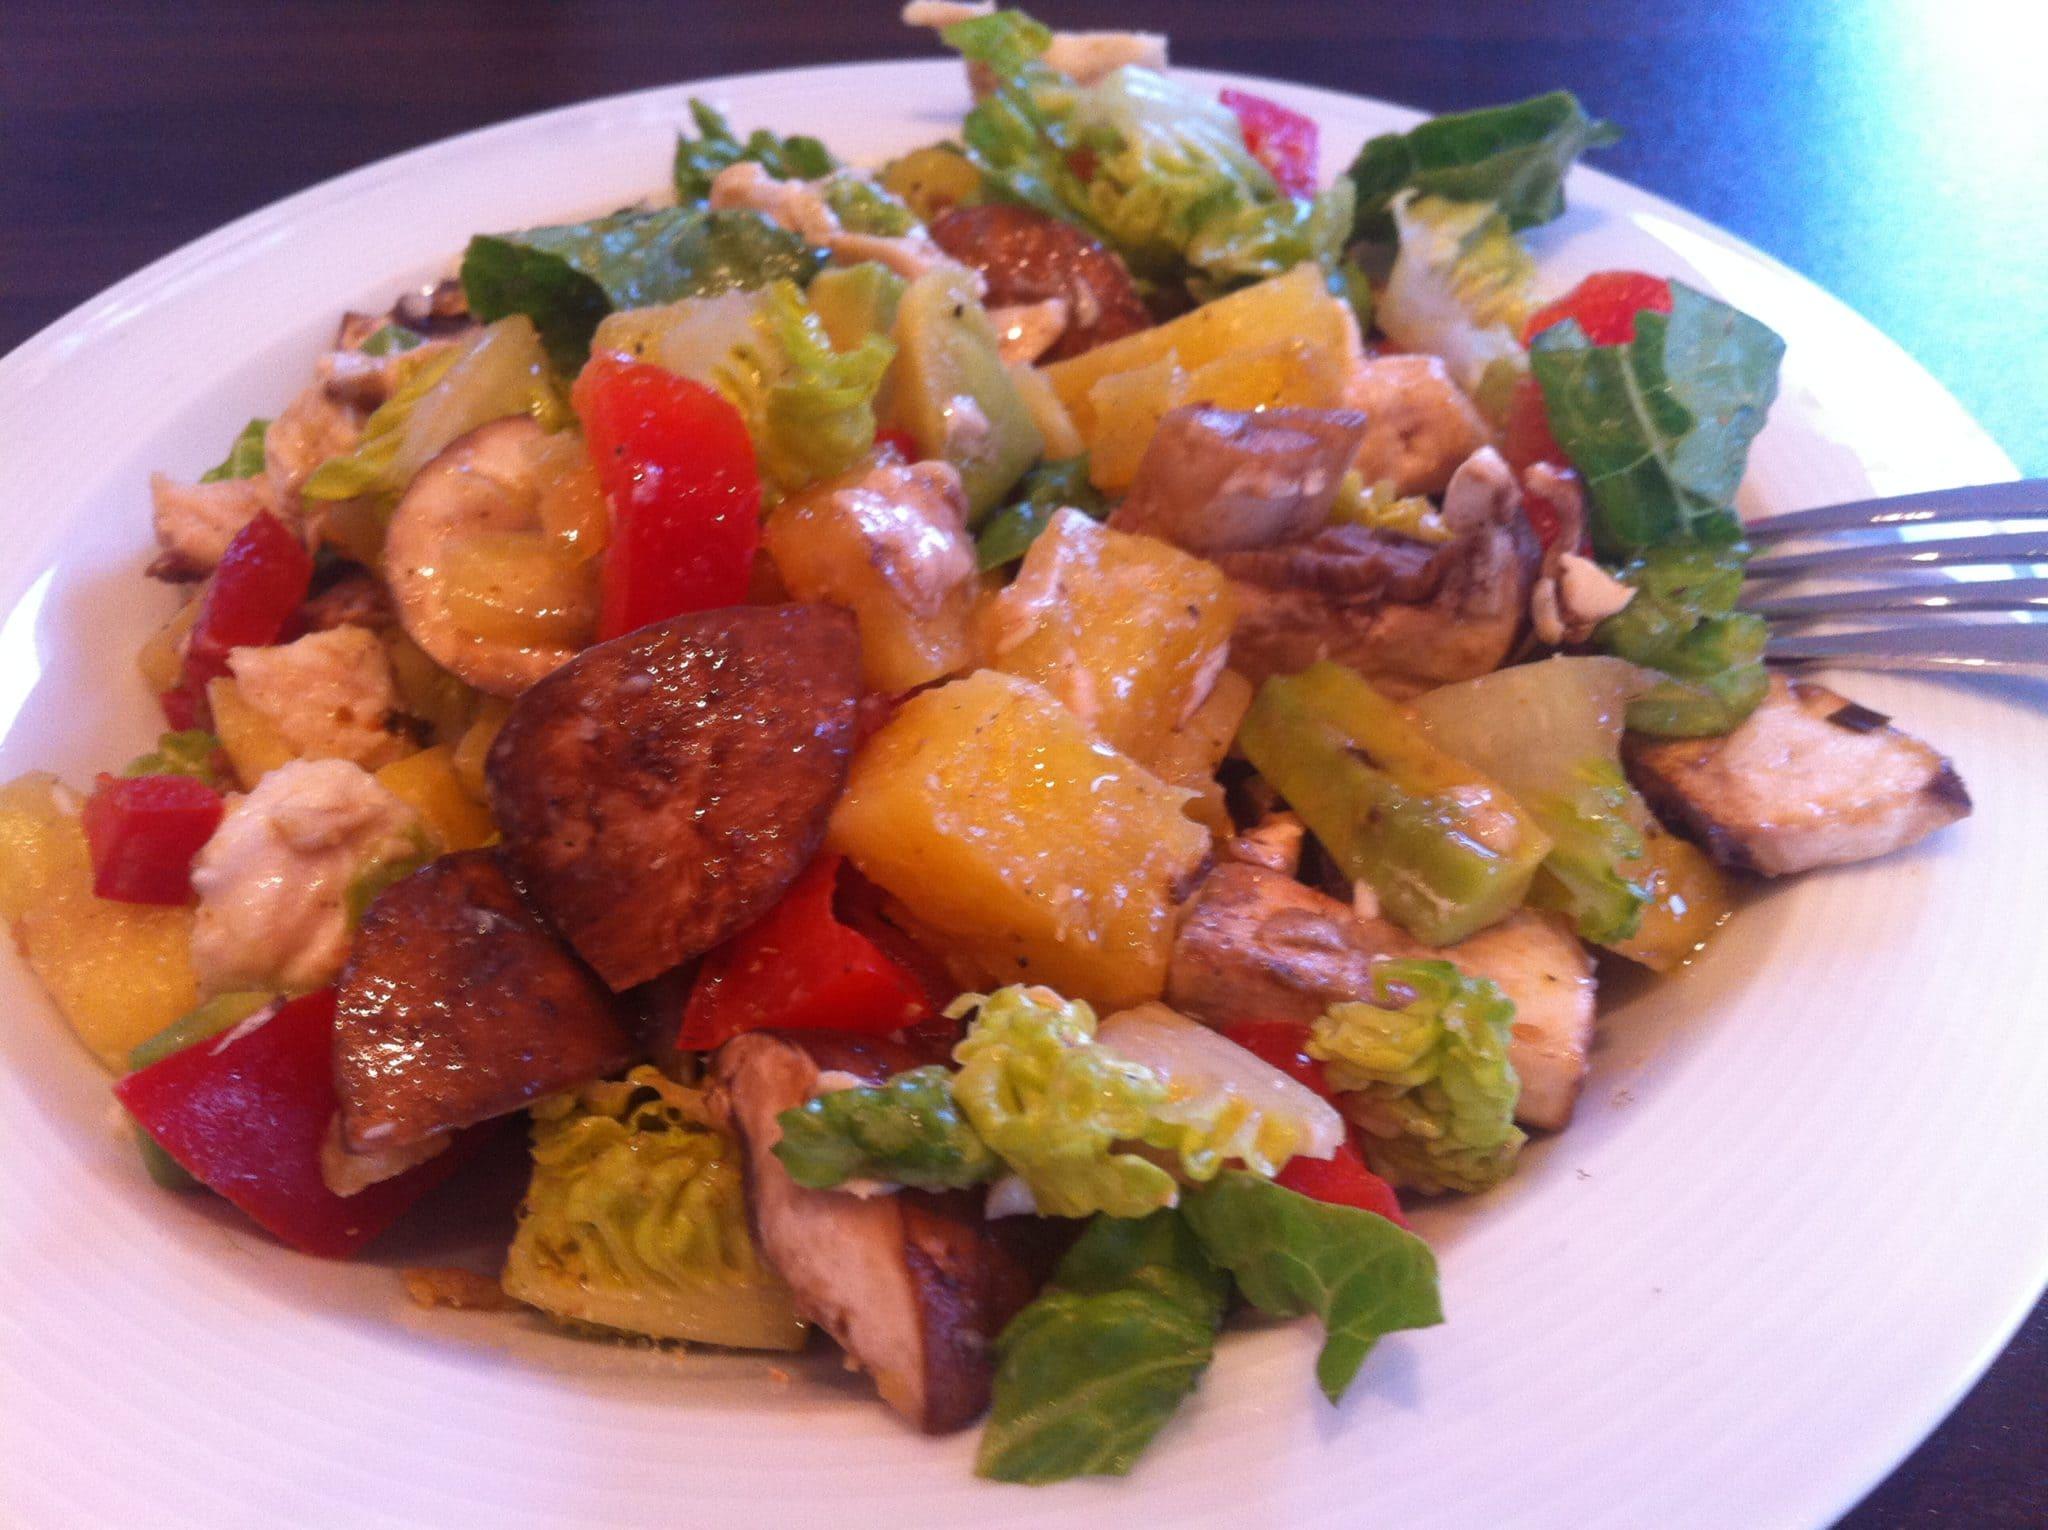 Der viaminreiche Salat mit dem fruchtigen Touch